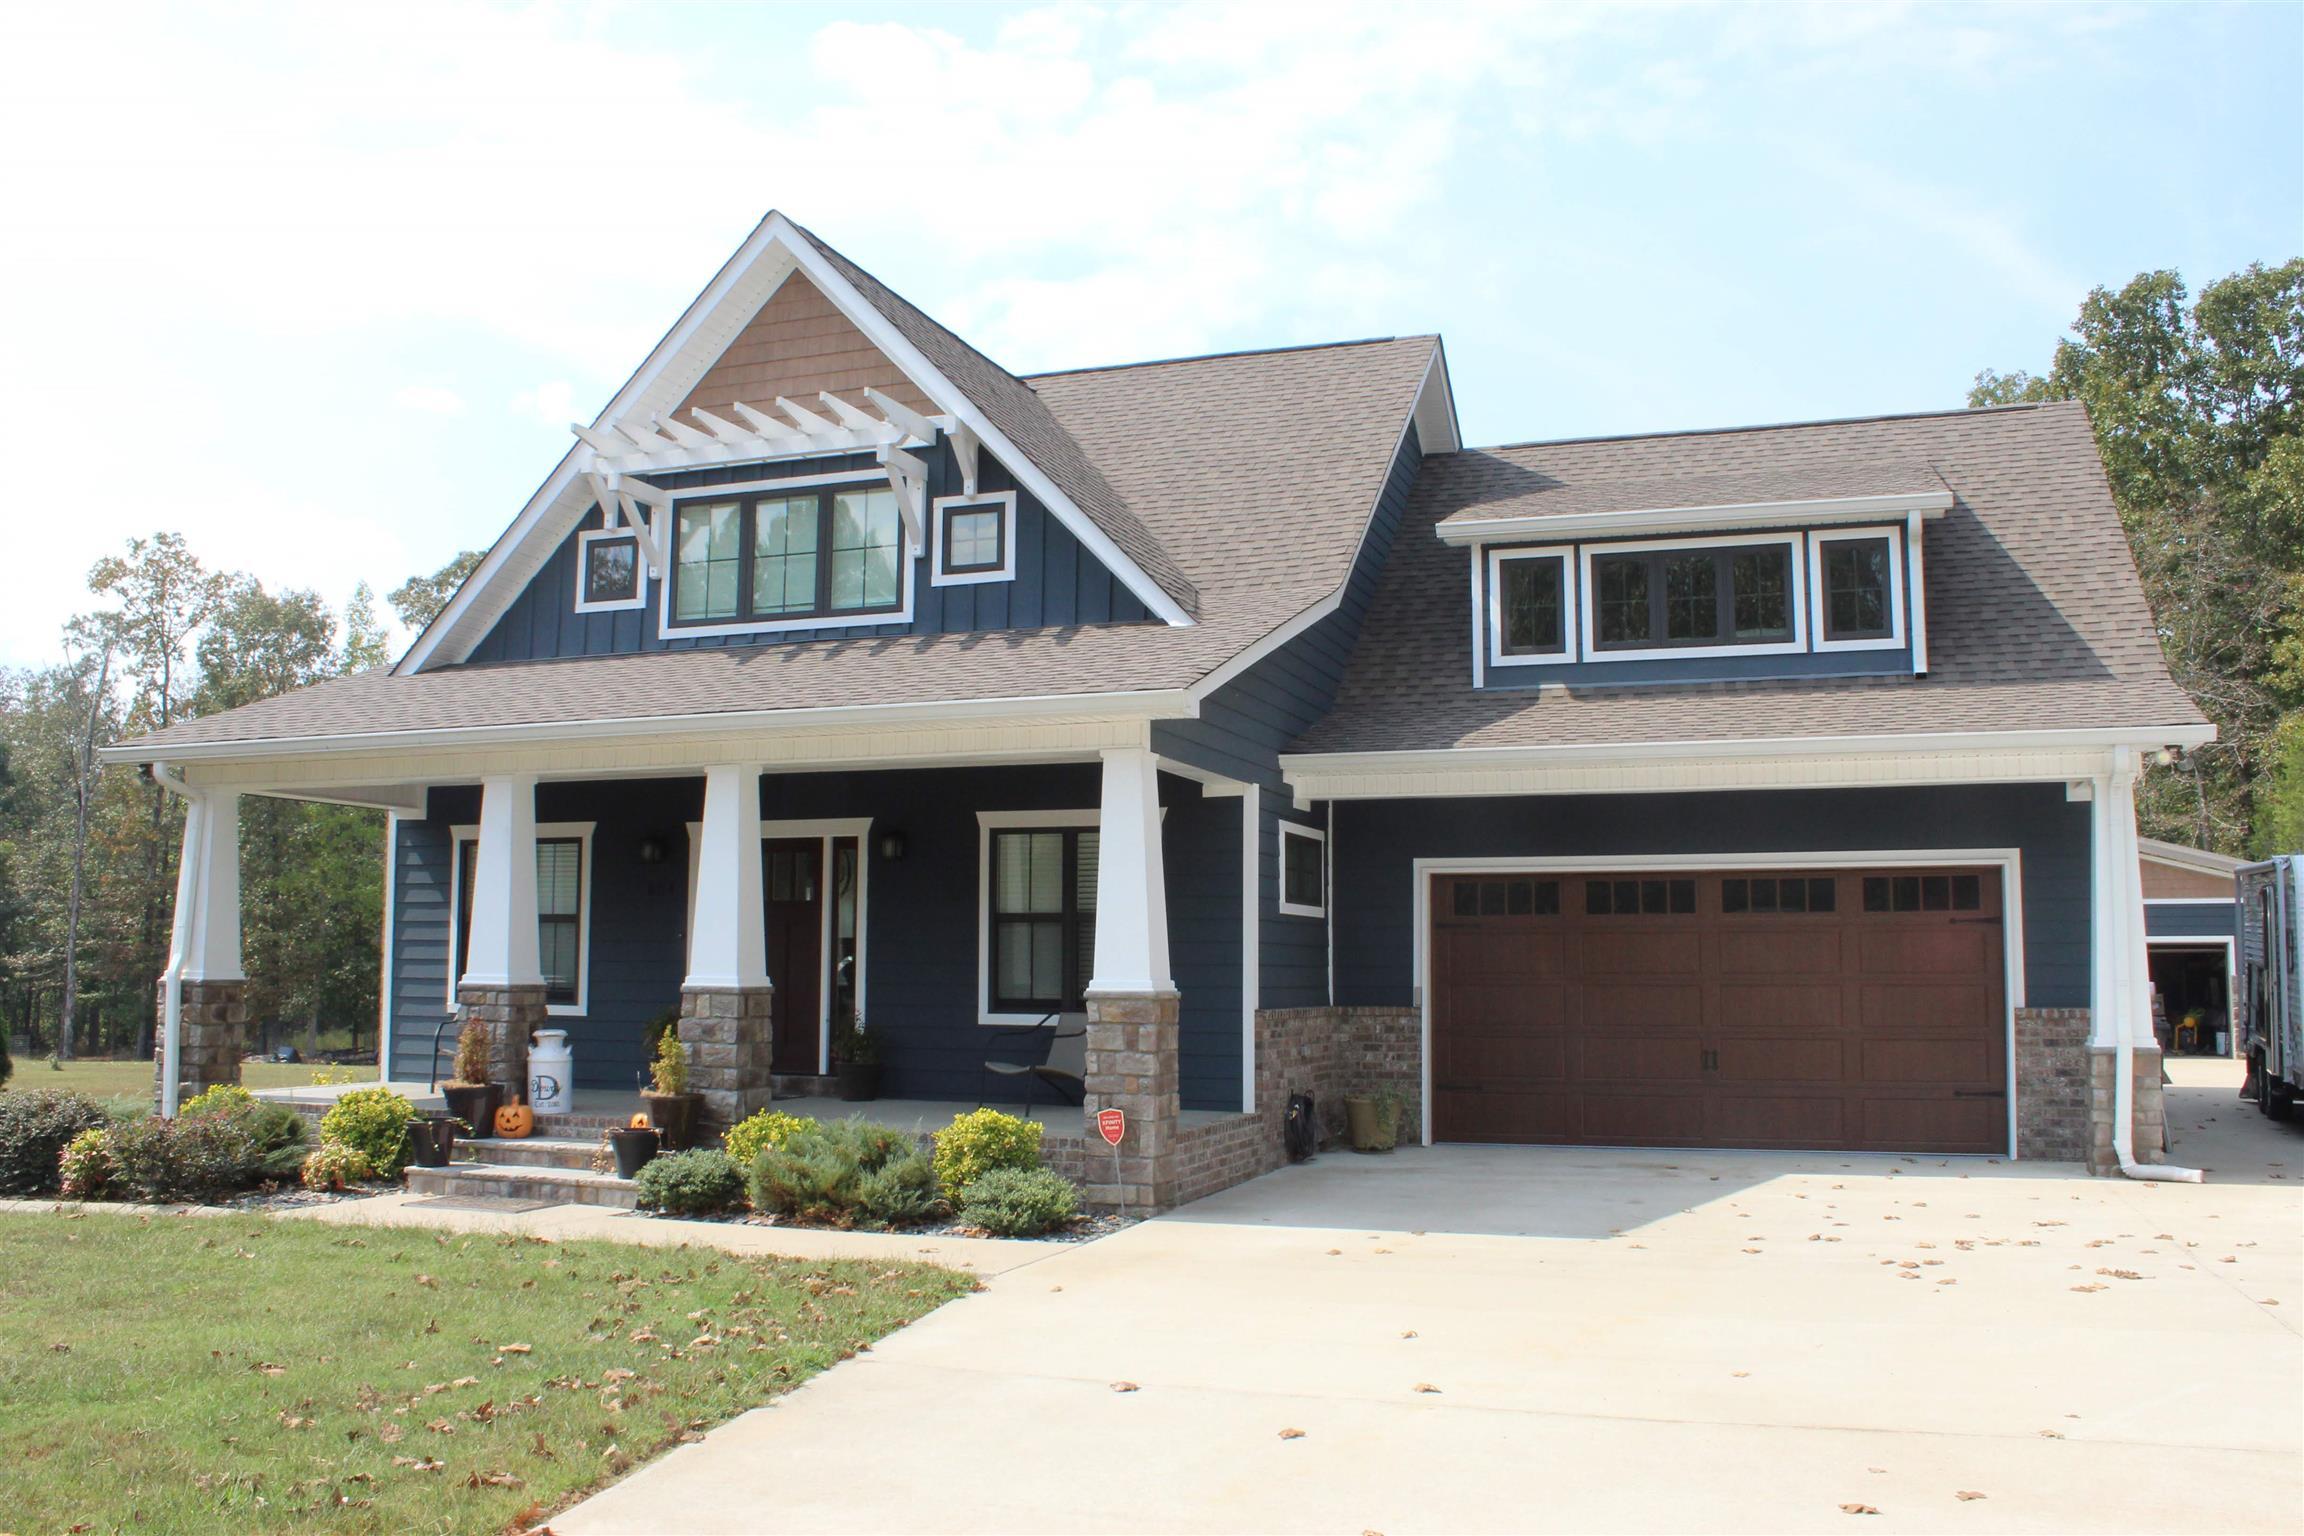 654 Bonner Way, Estill Springs, TN 37330 - Estill Springs, TN real estate listing